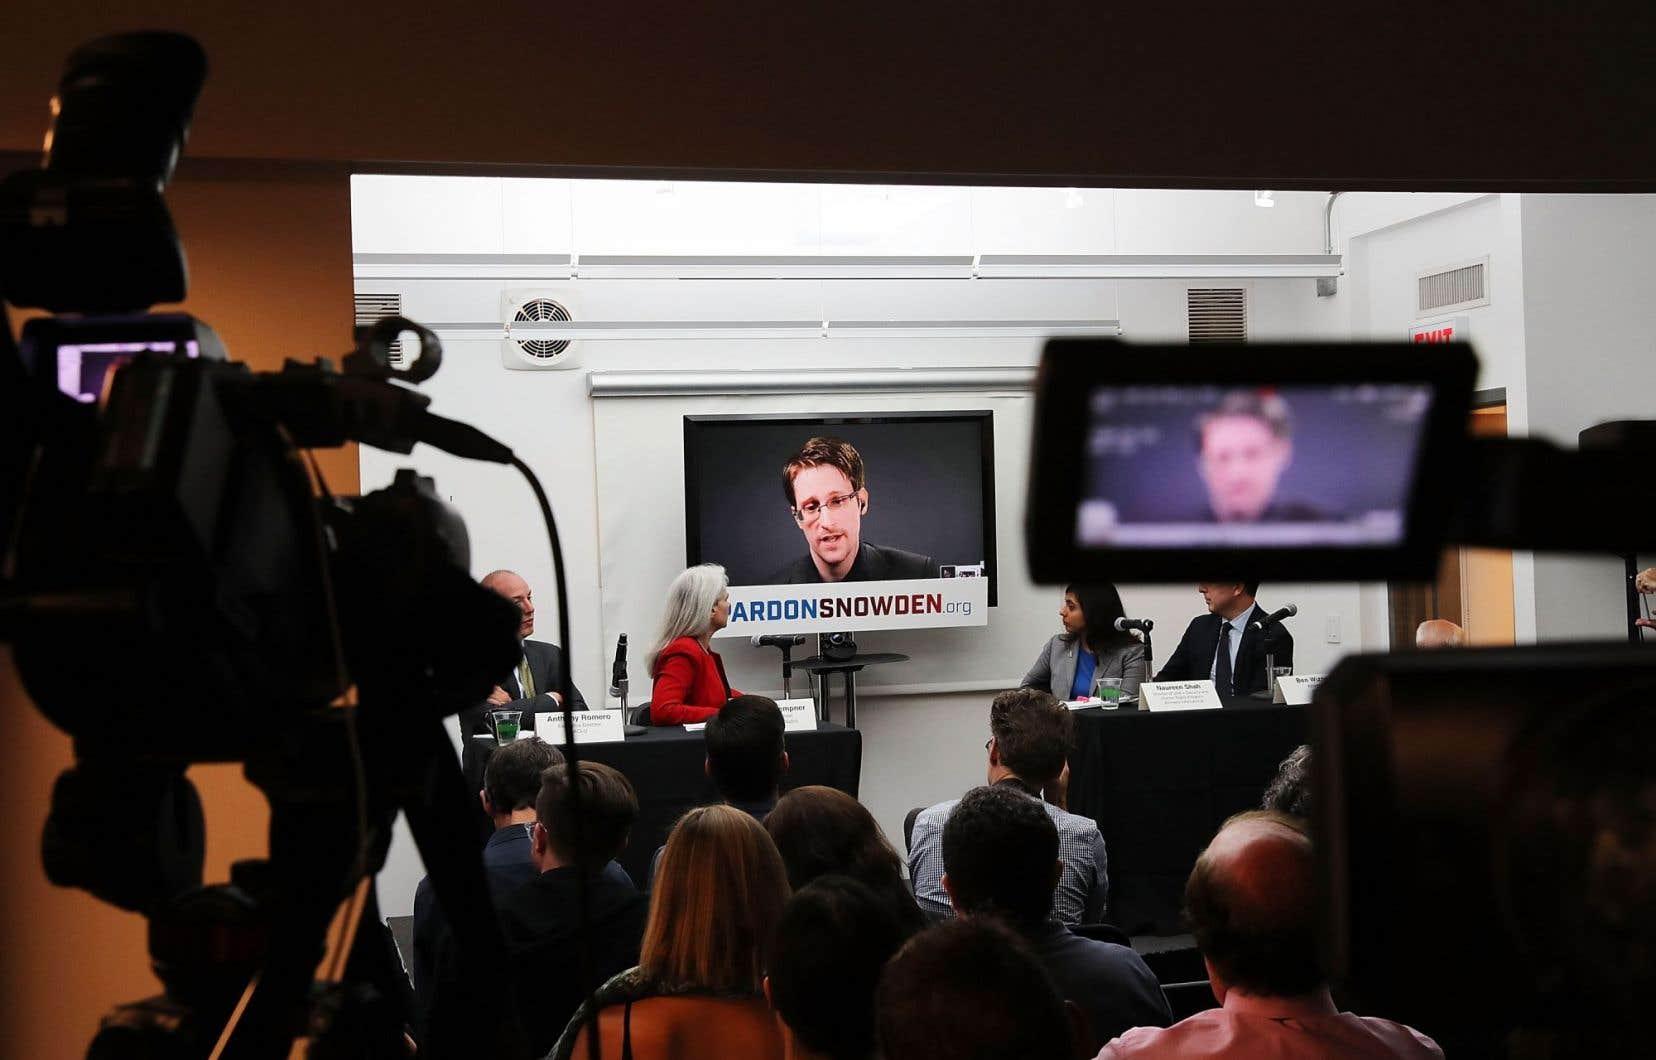 Edward Snowden a appelé, mercredi dernier, le président Obama à lui accorder son pardon avant de quitter ses fonctions en janvier2017, estimant que son pays avait bénéficié de ses révélations.